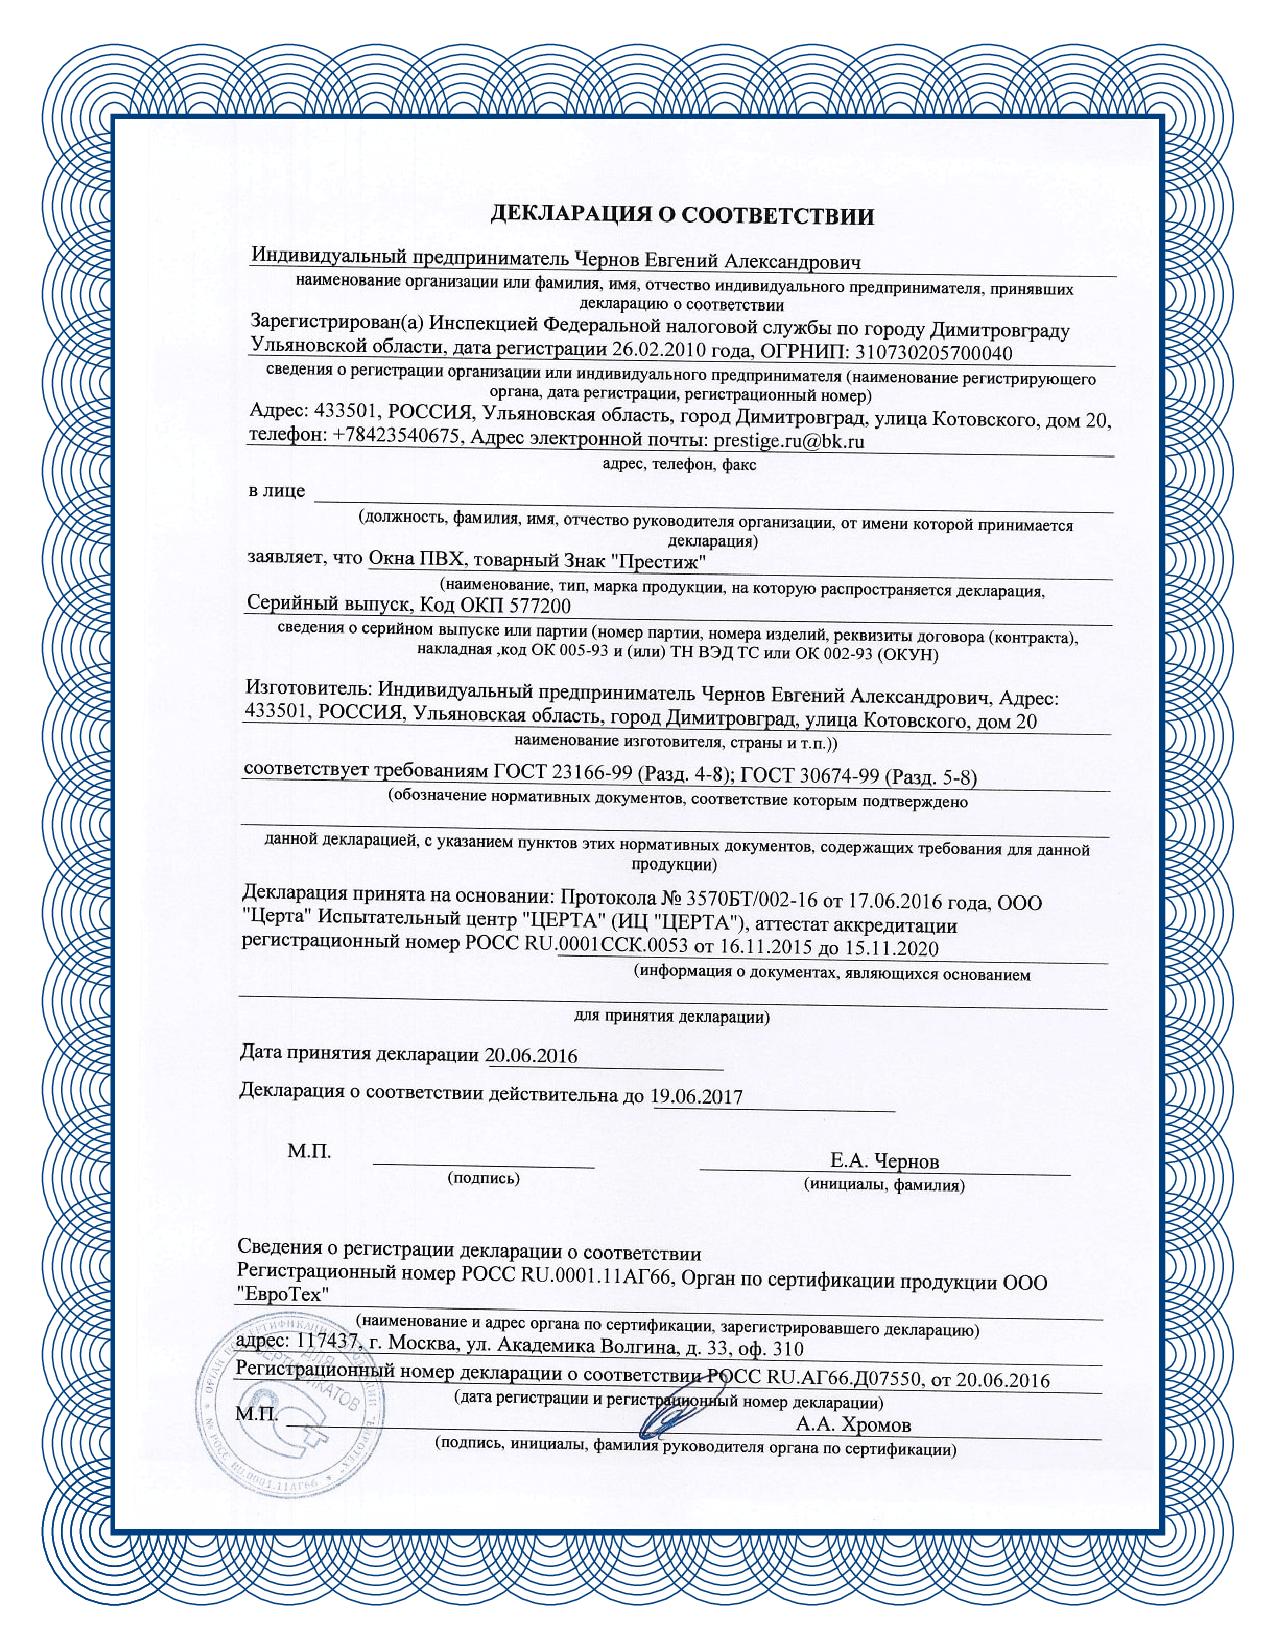 Декларация соответствия ГОСТ